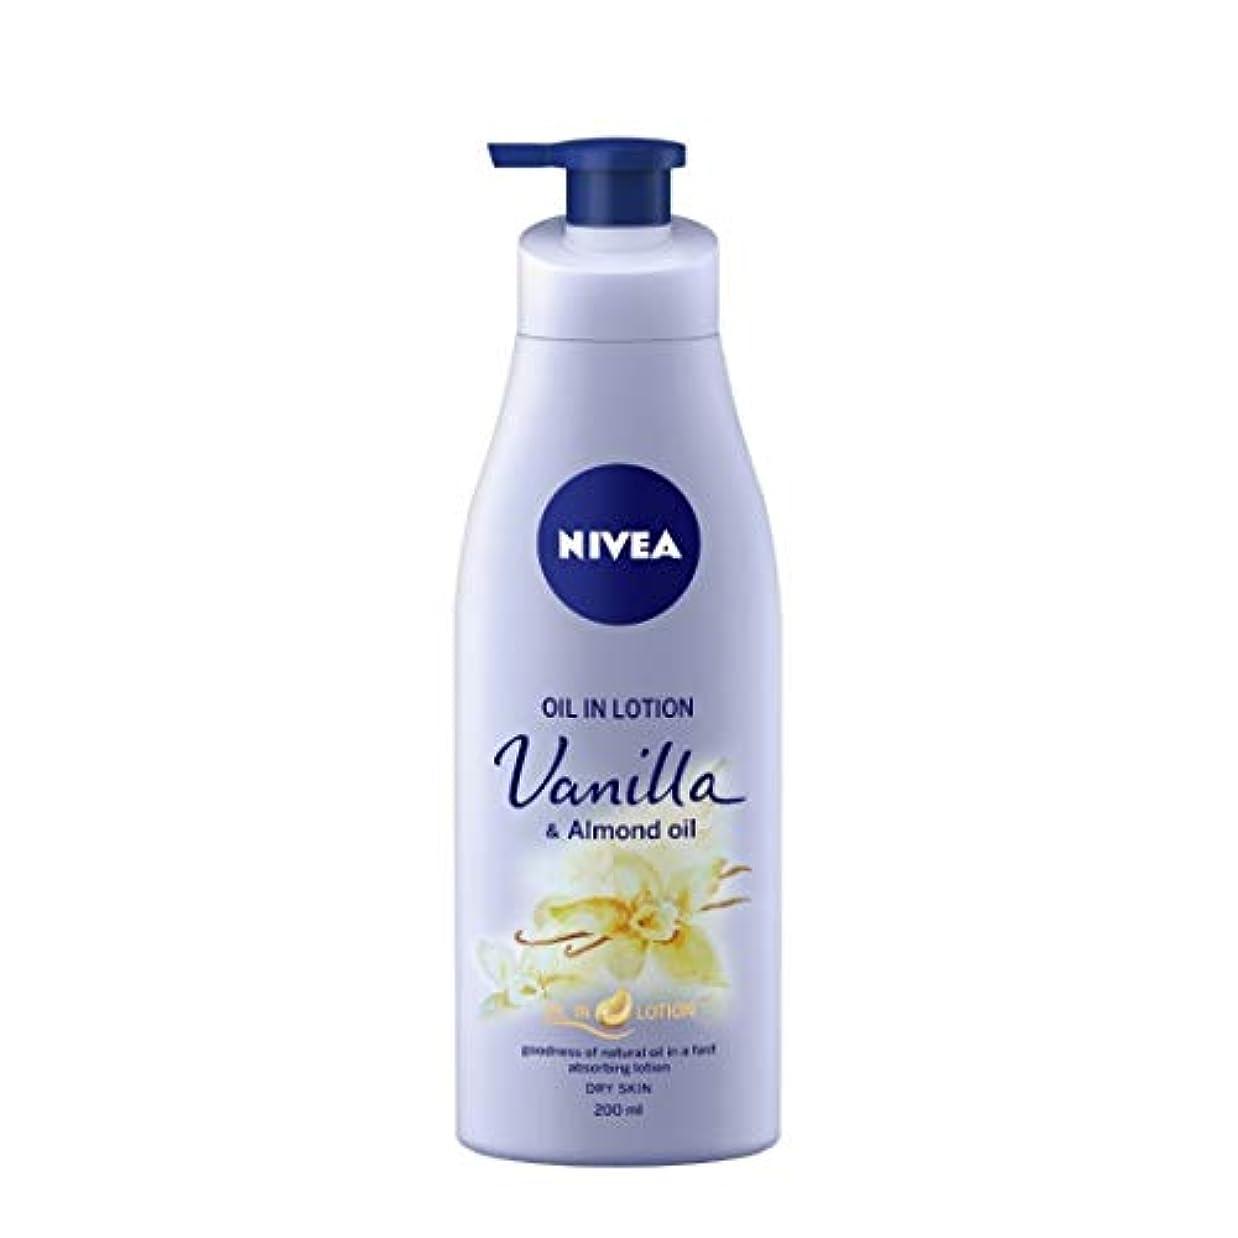 思いやり機械お母さんNIVEA Oil in Lotion, Vanilla and Almond Oil, 200ml